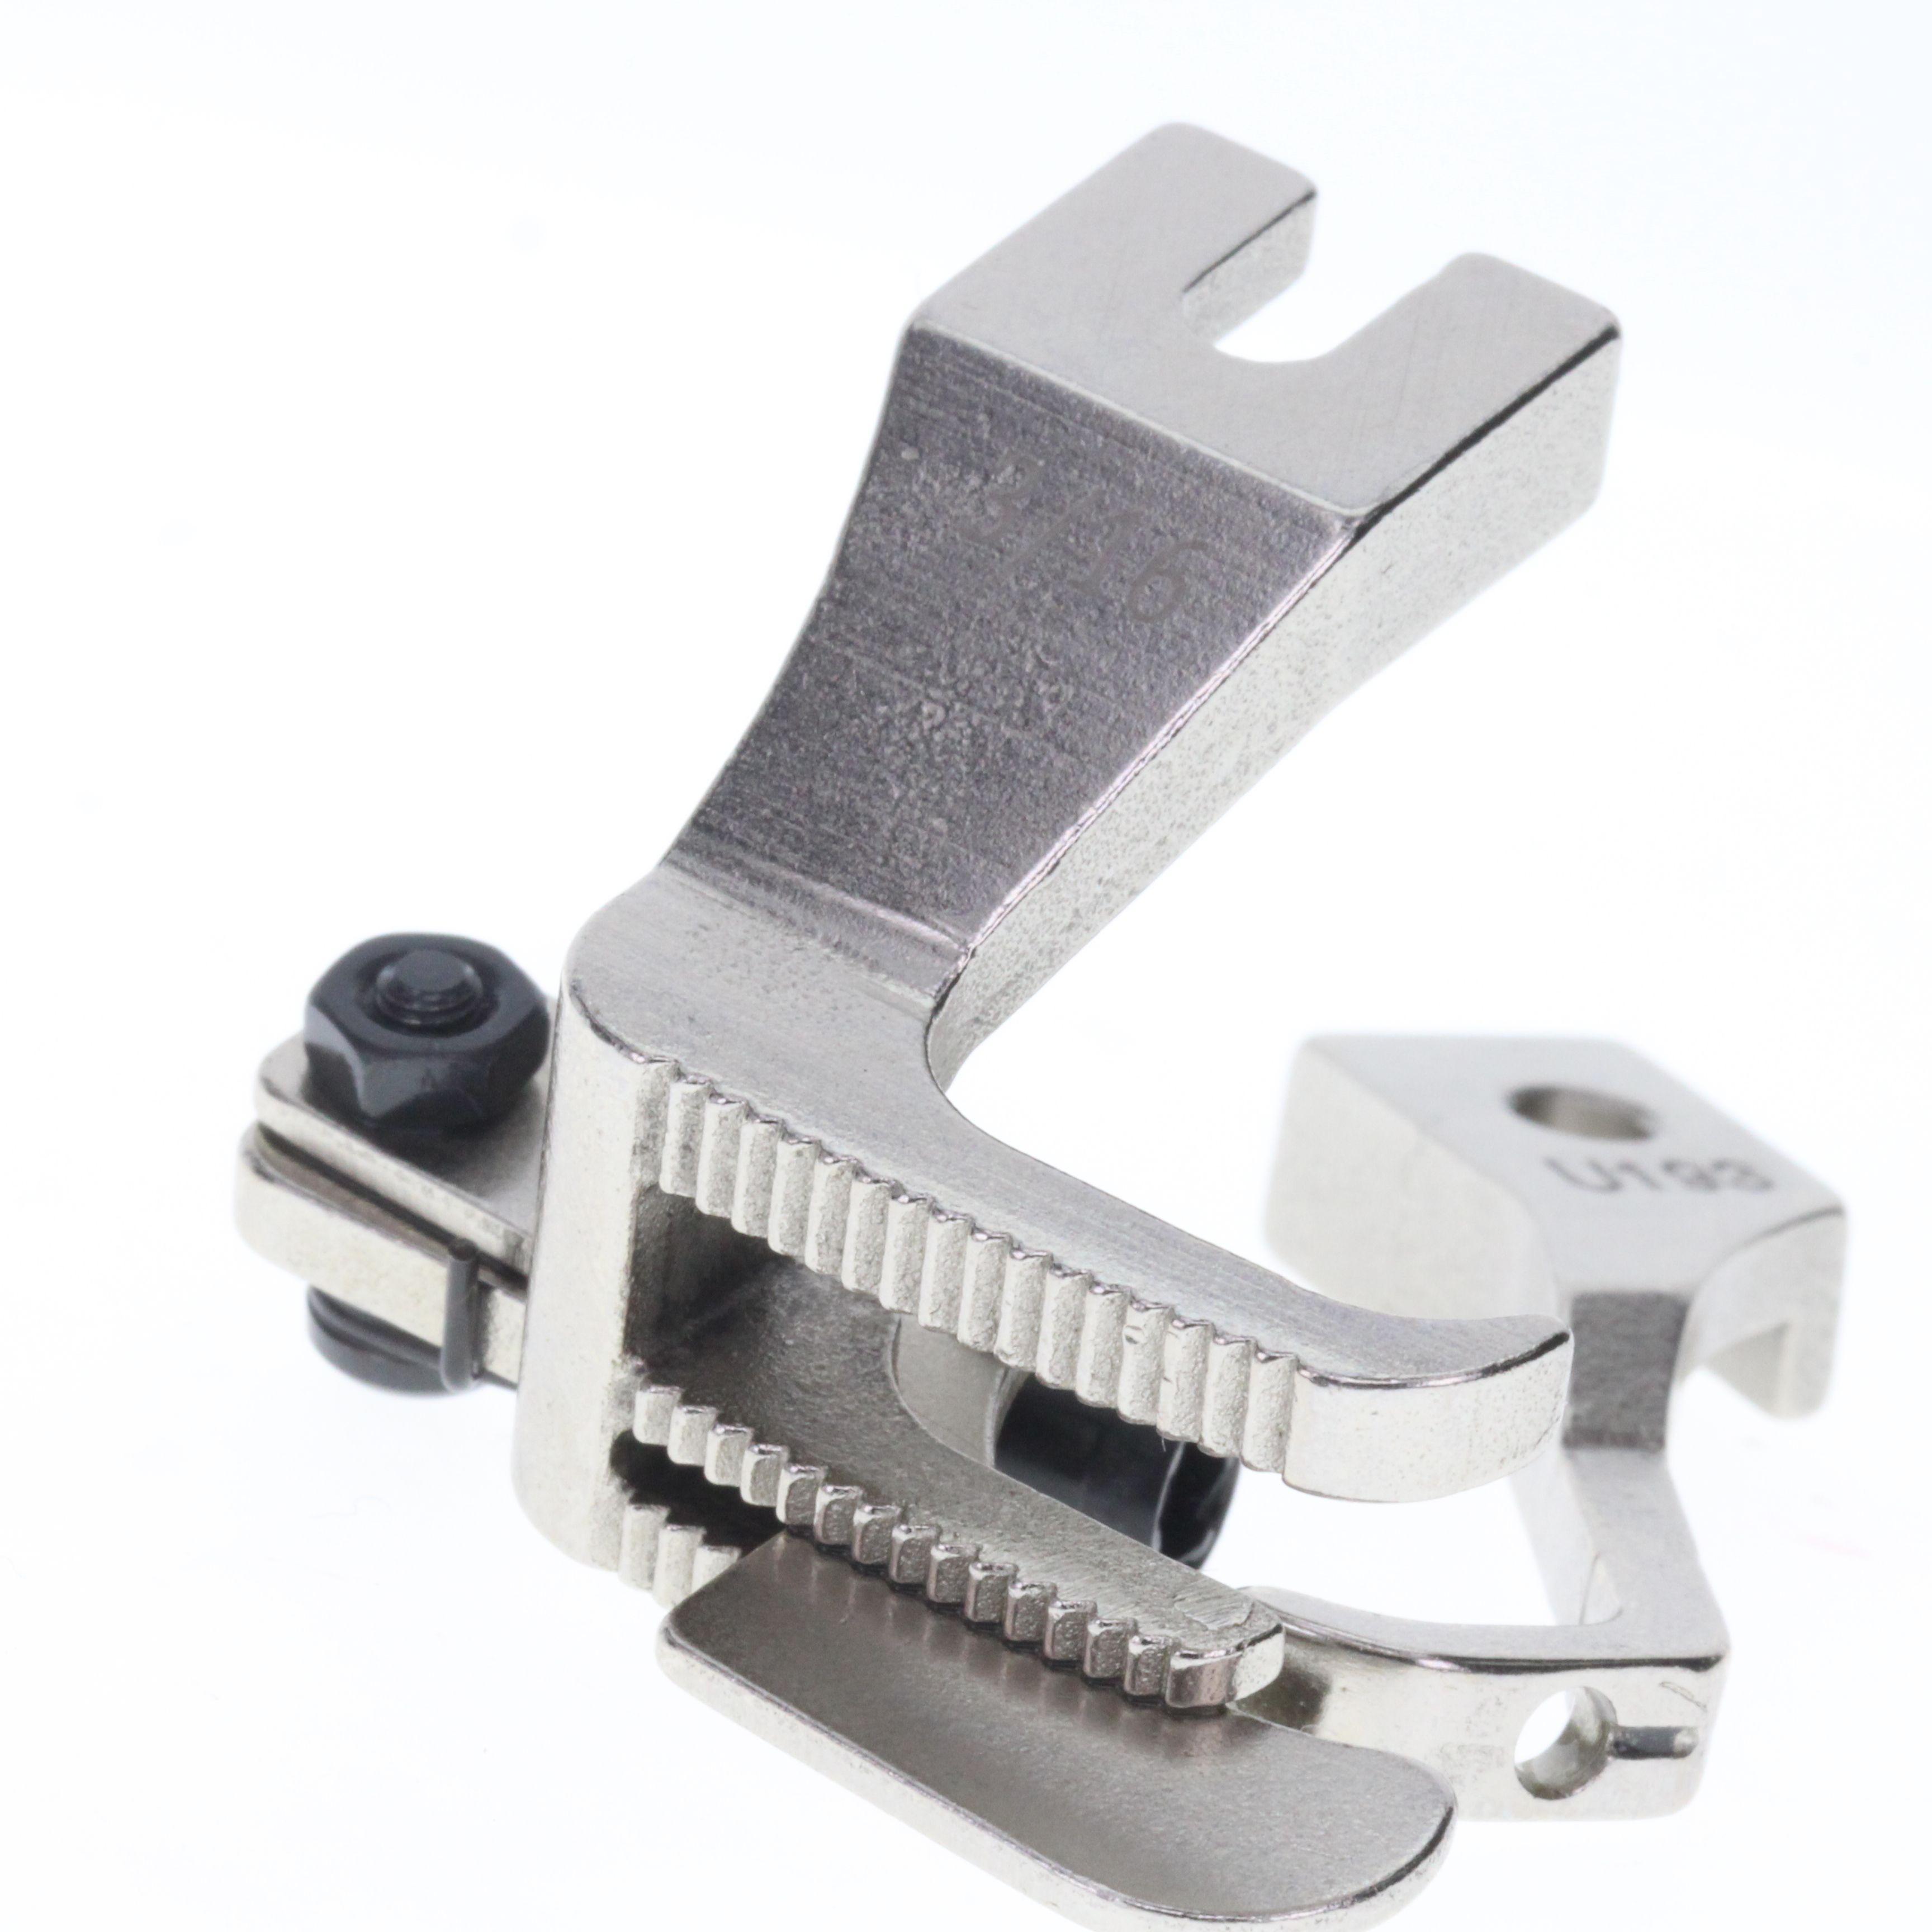 أدوات الخياطة والملحقات رخيص اشتري مباشرة من المورد بالصين ماكينة خياطة الثنائي المنقولة قطعة قدم الضغط في ماكينة الخياطة U192 U Nail Clippers Items Clippers